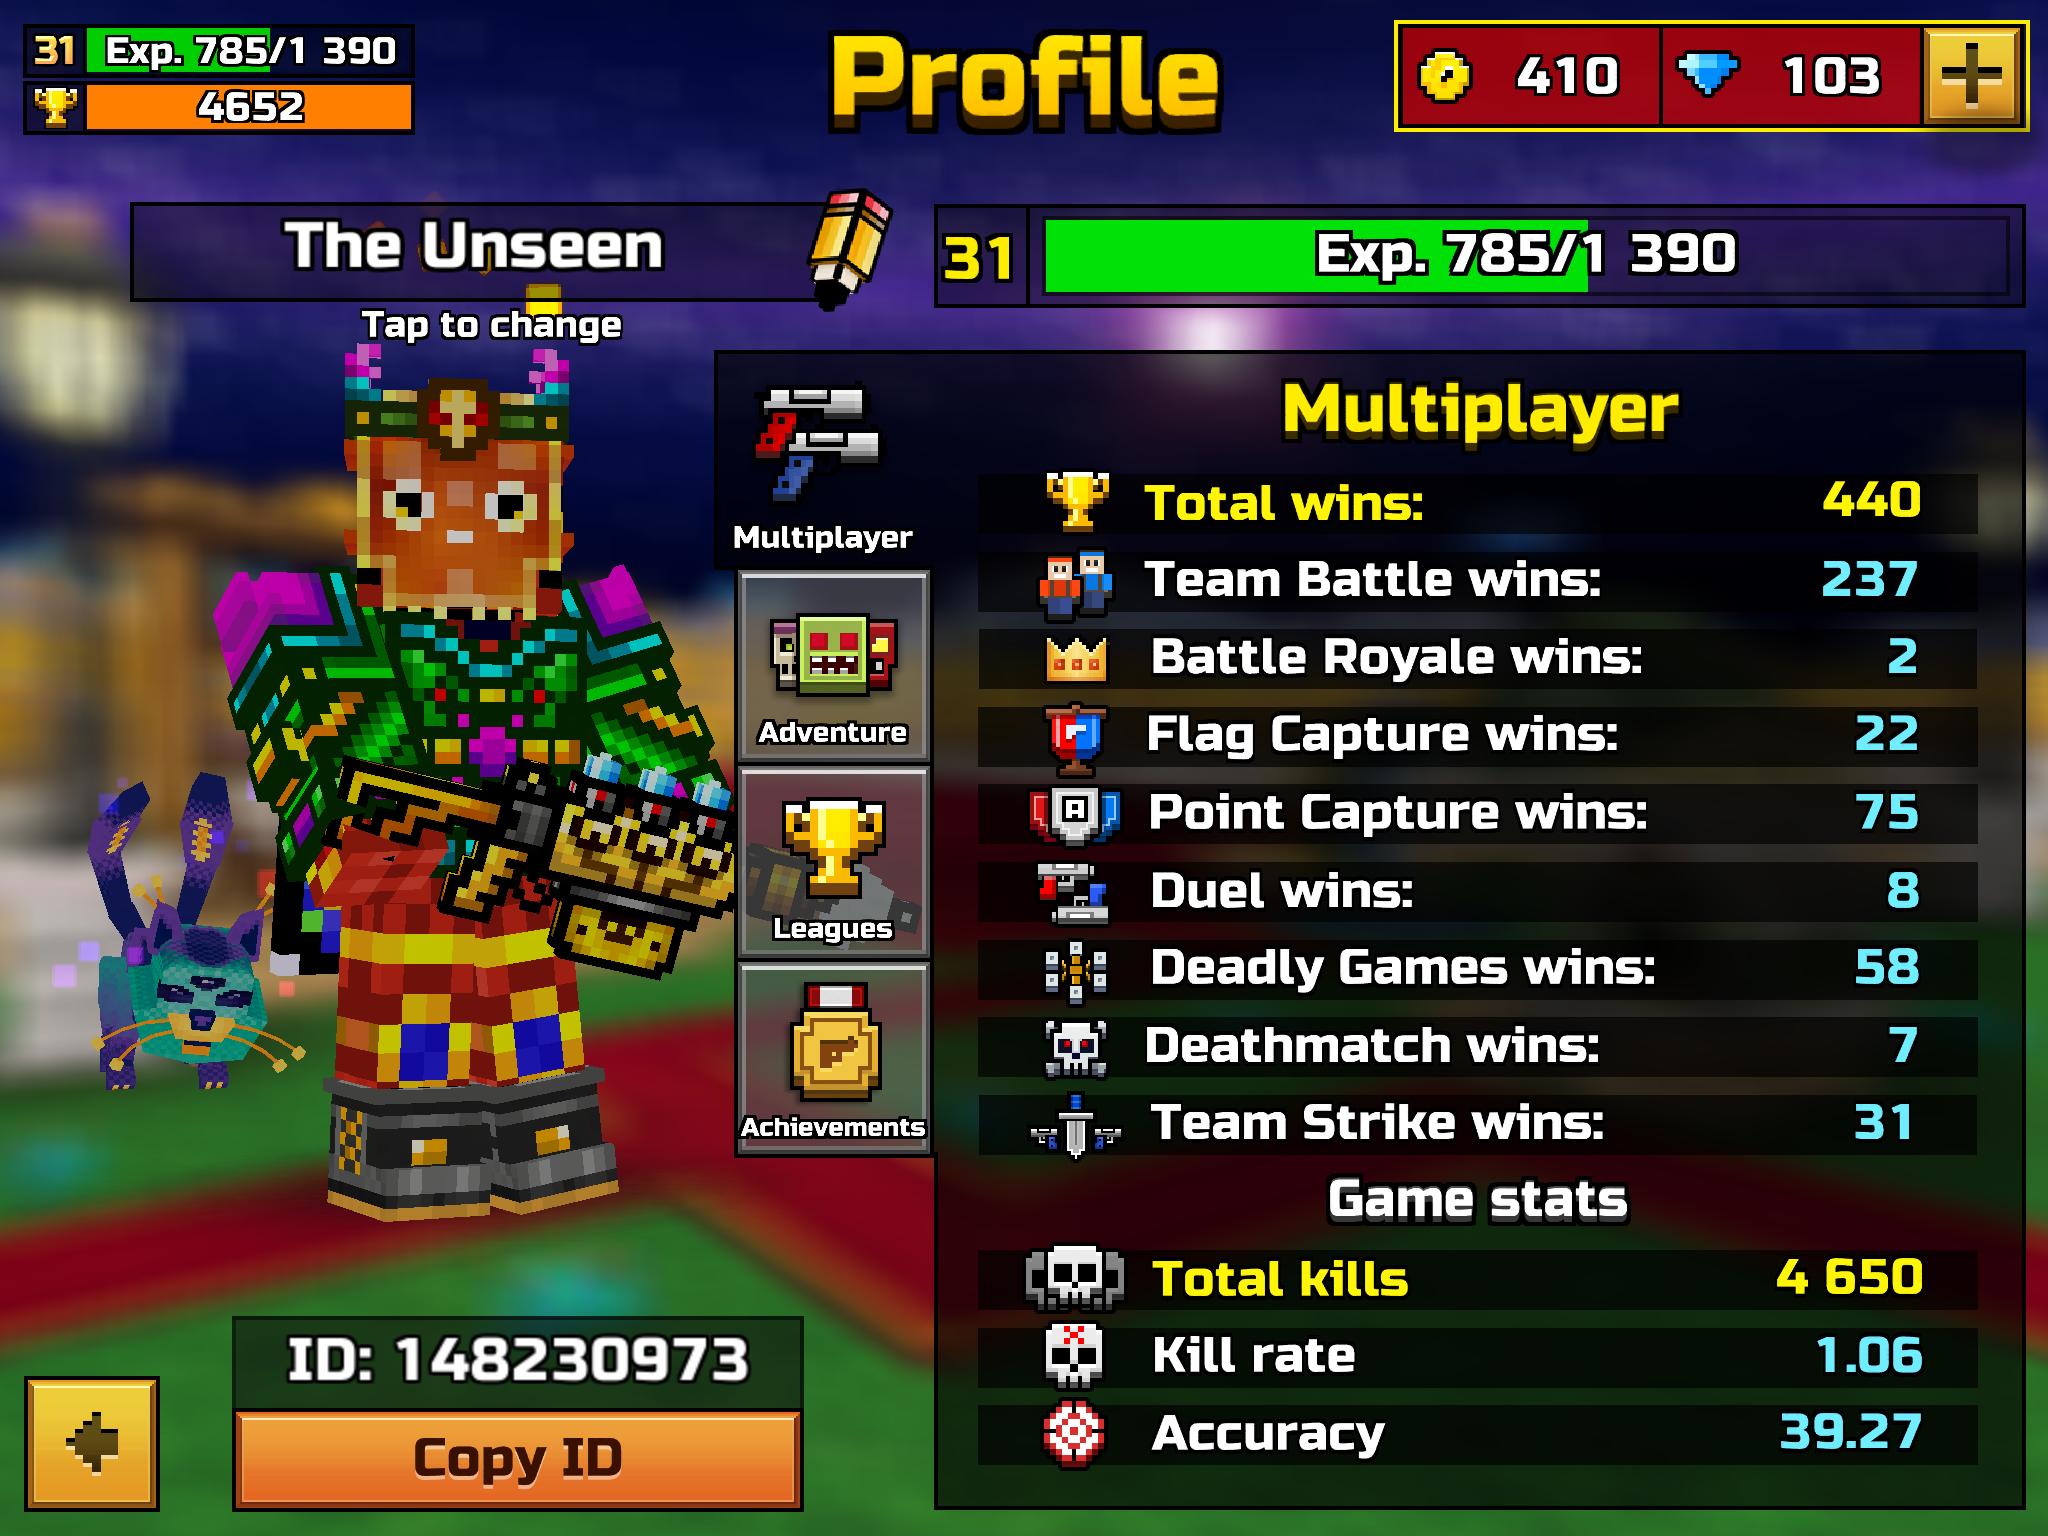 Profile (PG3D)